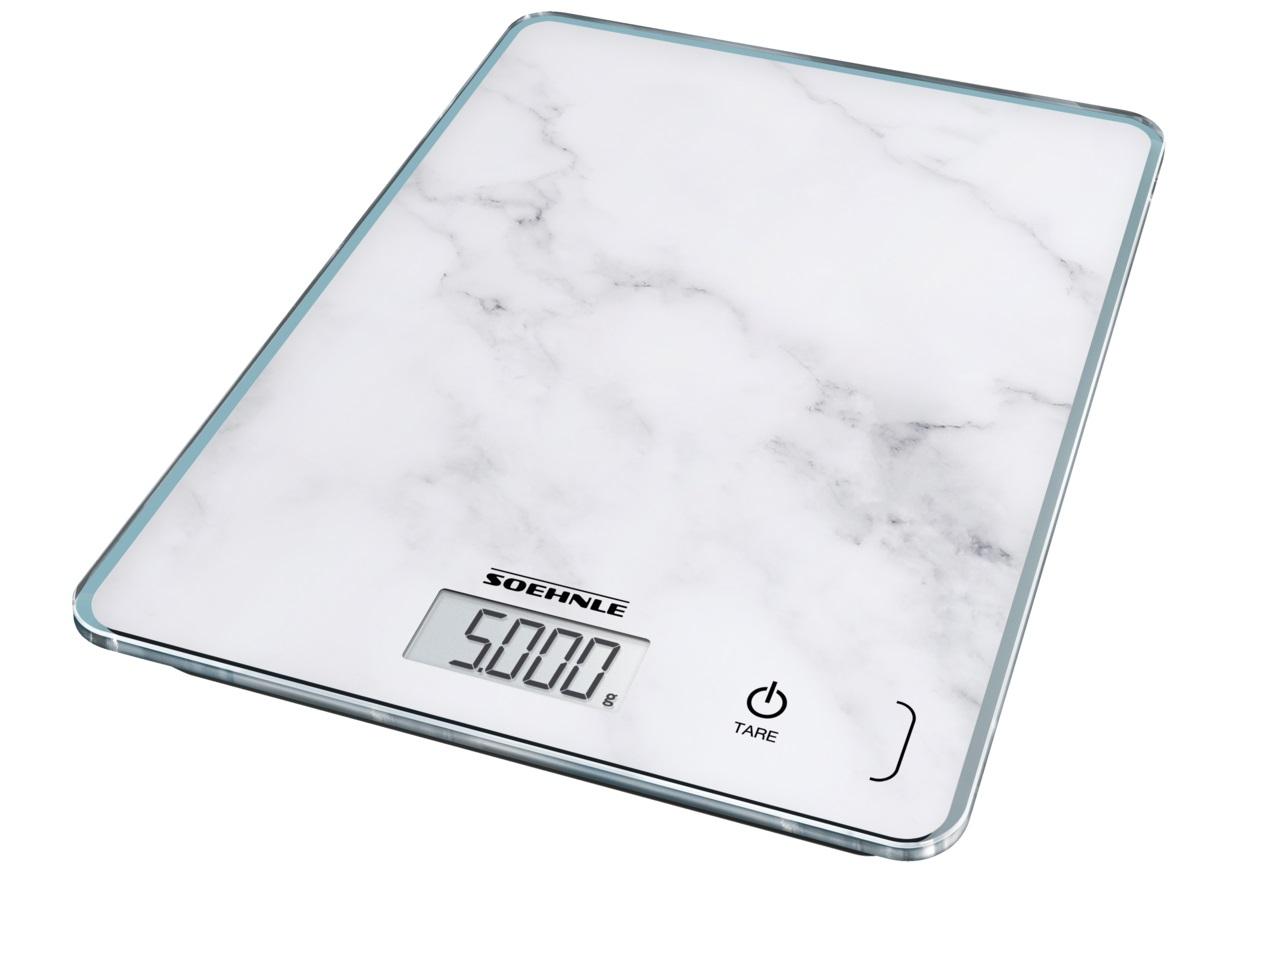 Soehnle Digitální kuchyňská váha Page Compact 300 - motiv mramor 61516